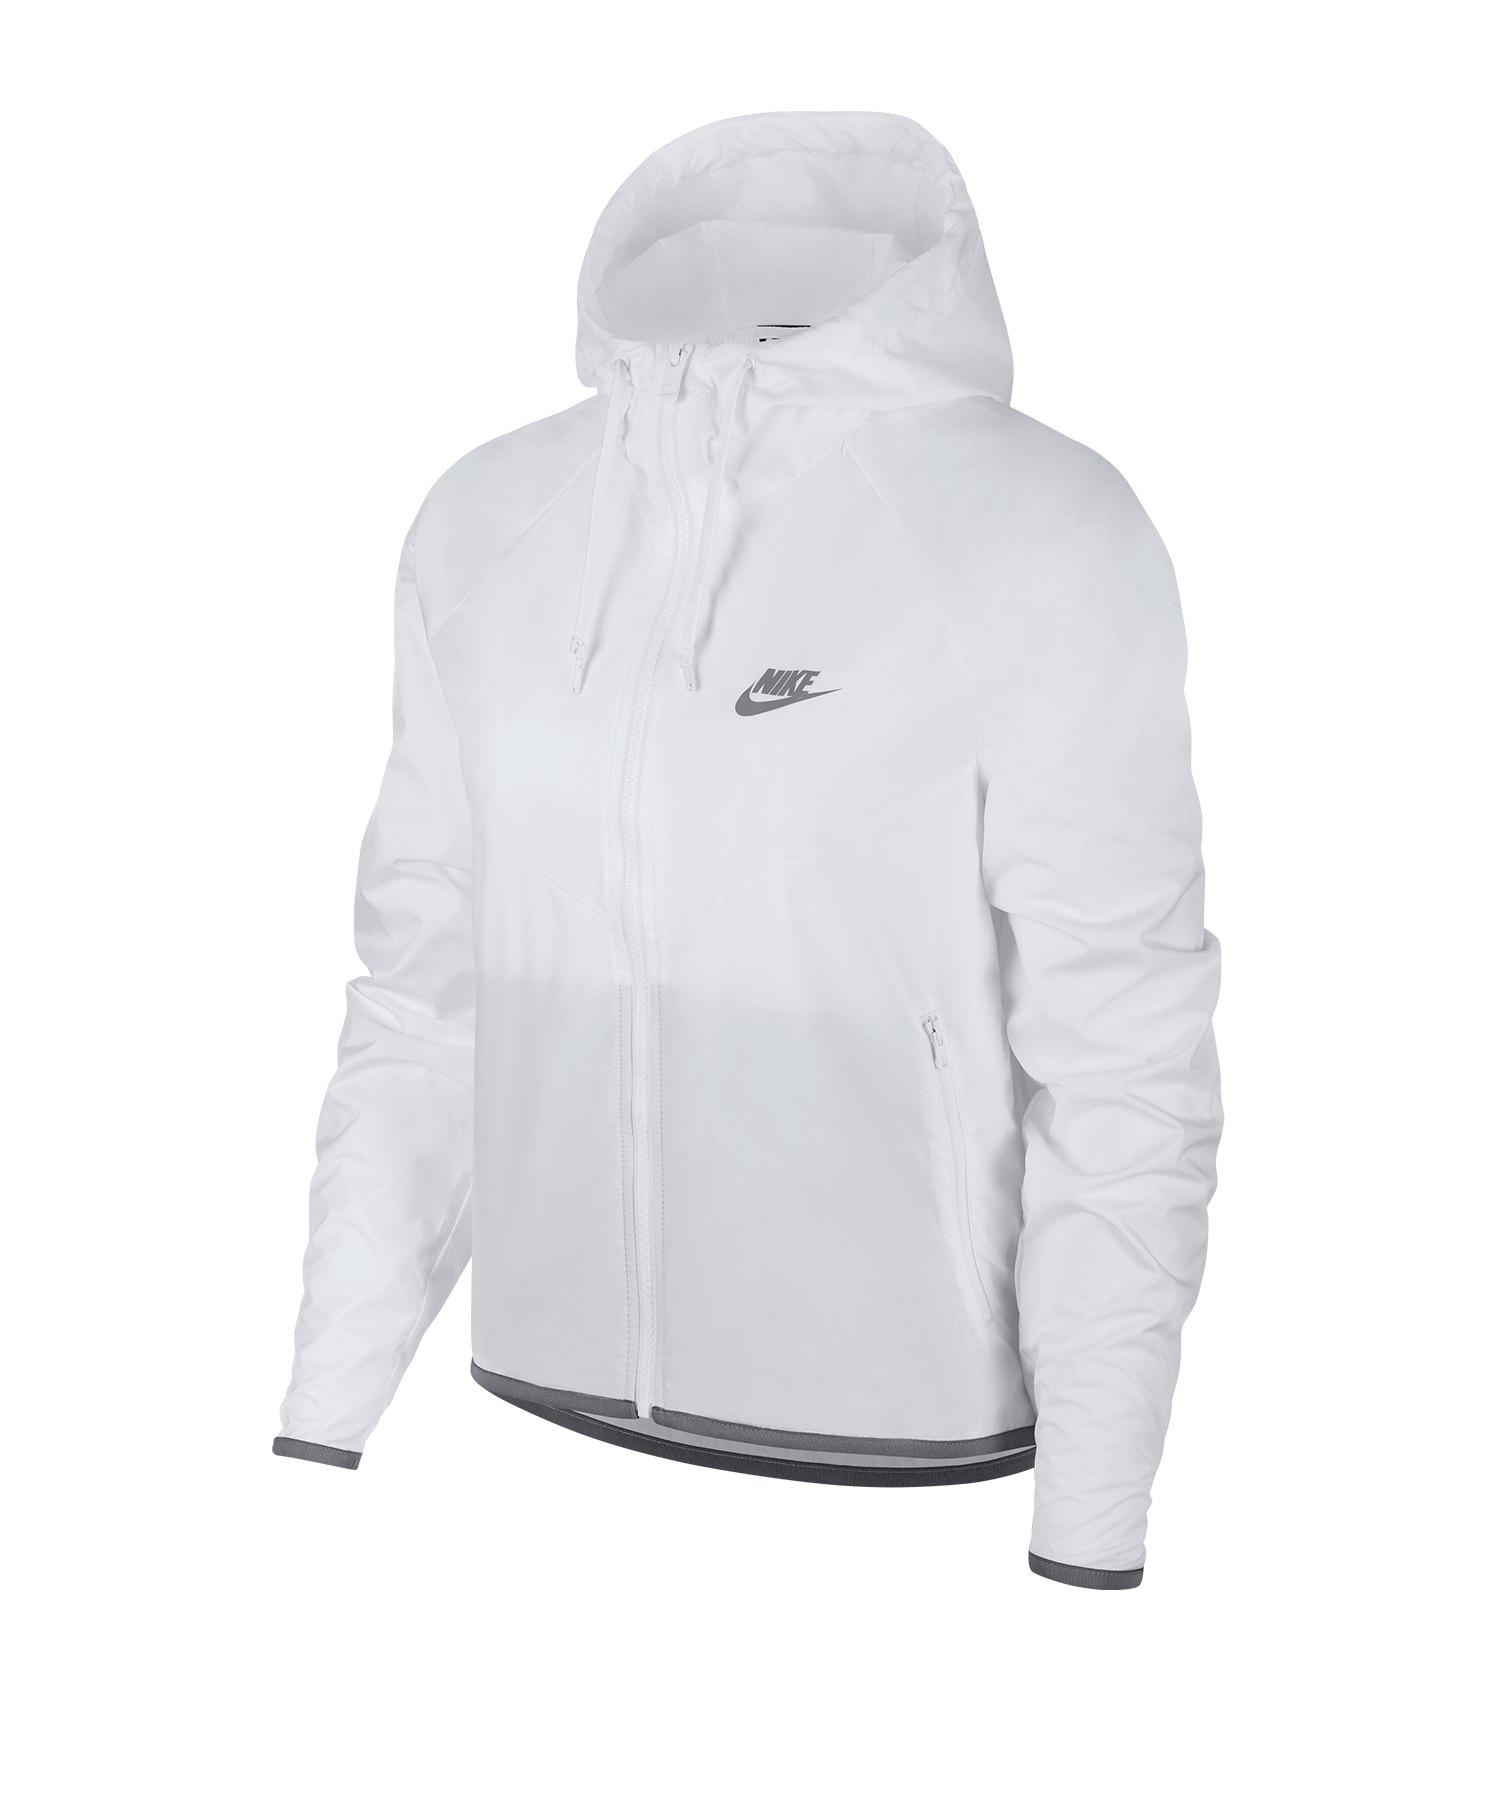 Nike Full Zip Windrunner Jacke Damen F100